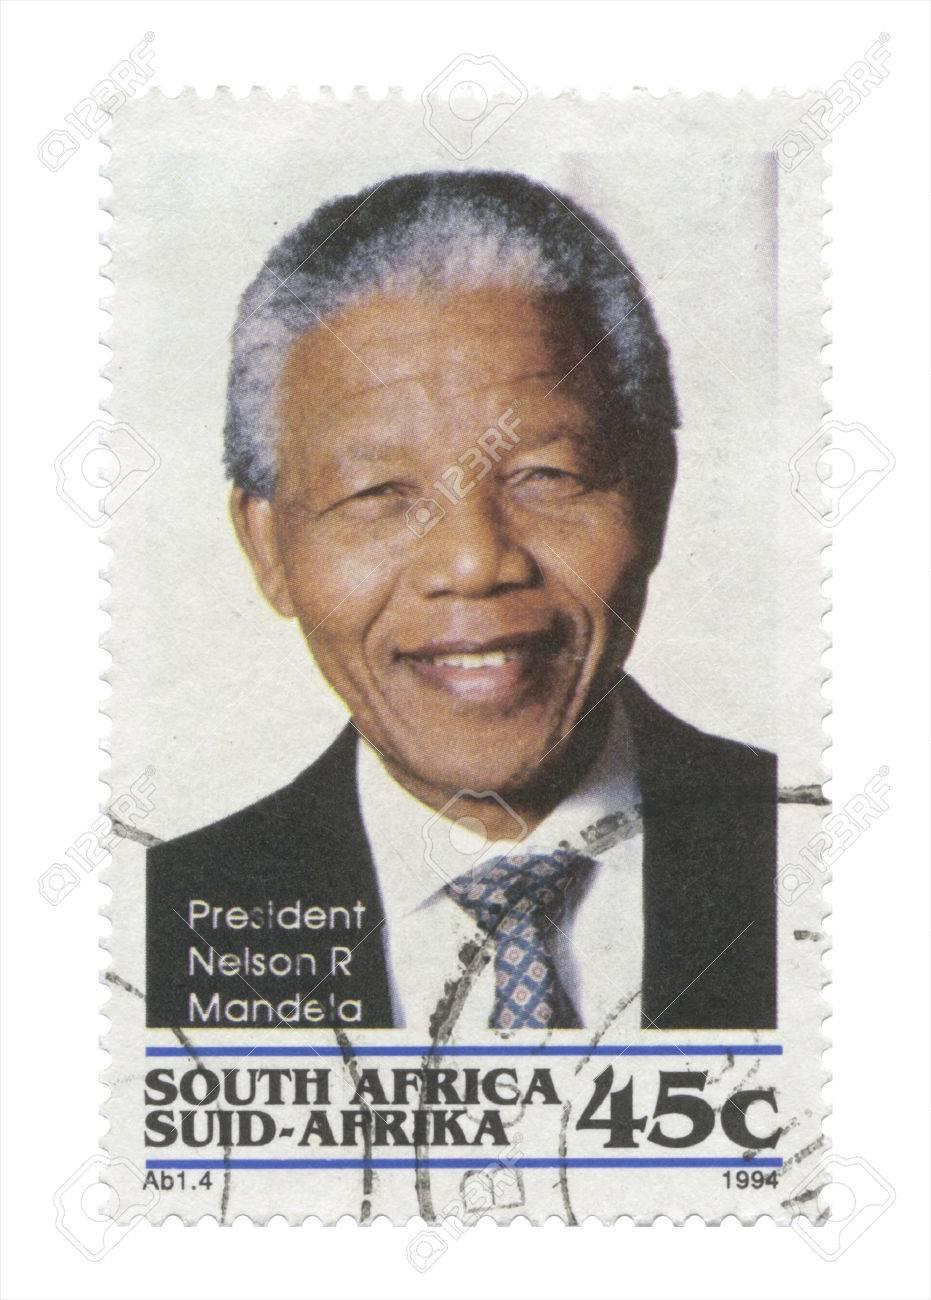 South Africa - President Nelson Mandela stamp becoming South African first black president, Pretoria 1994 05 10 - 24245553